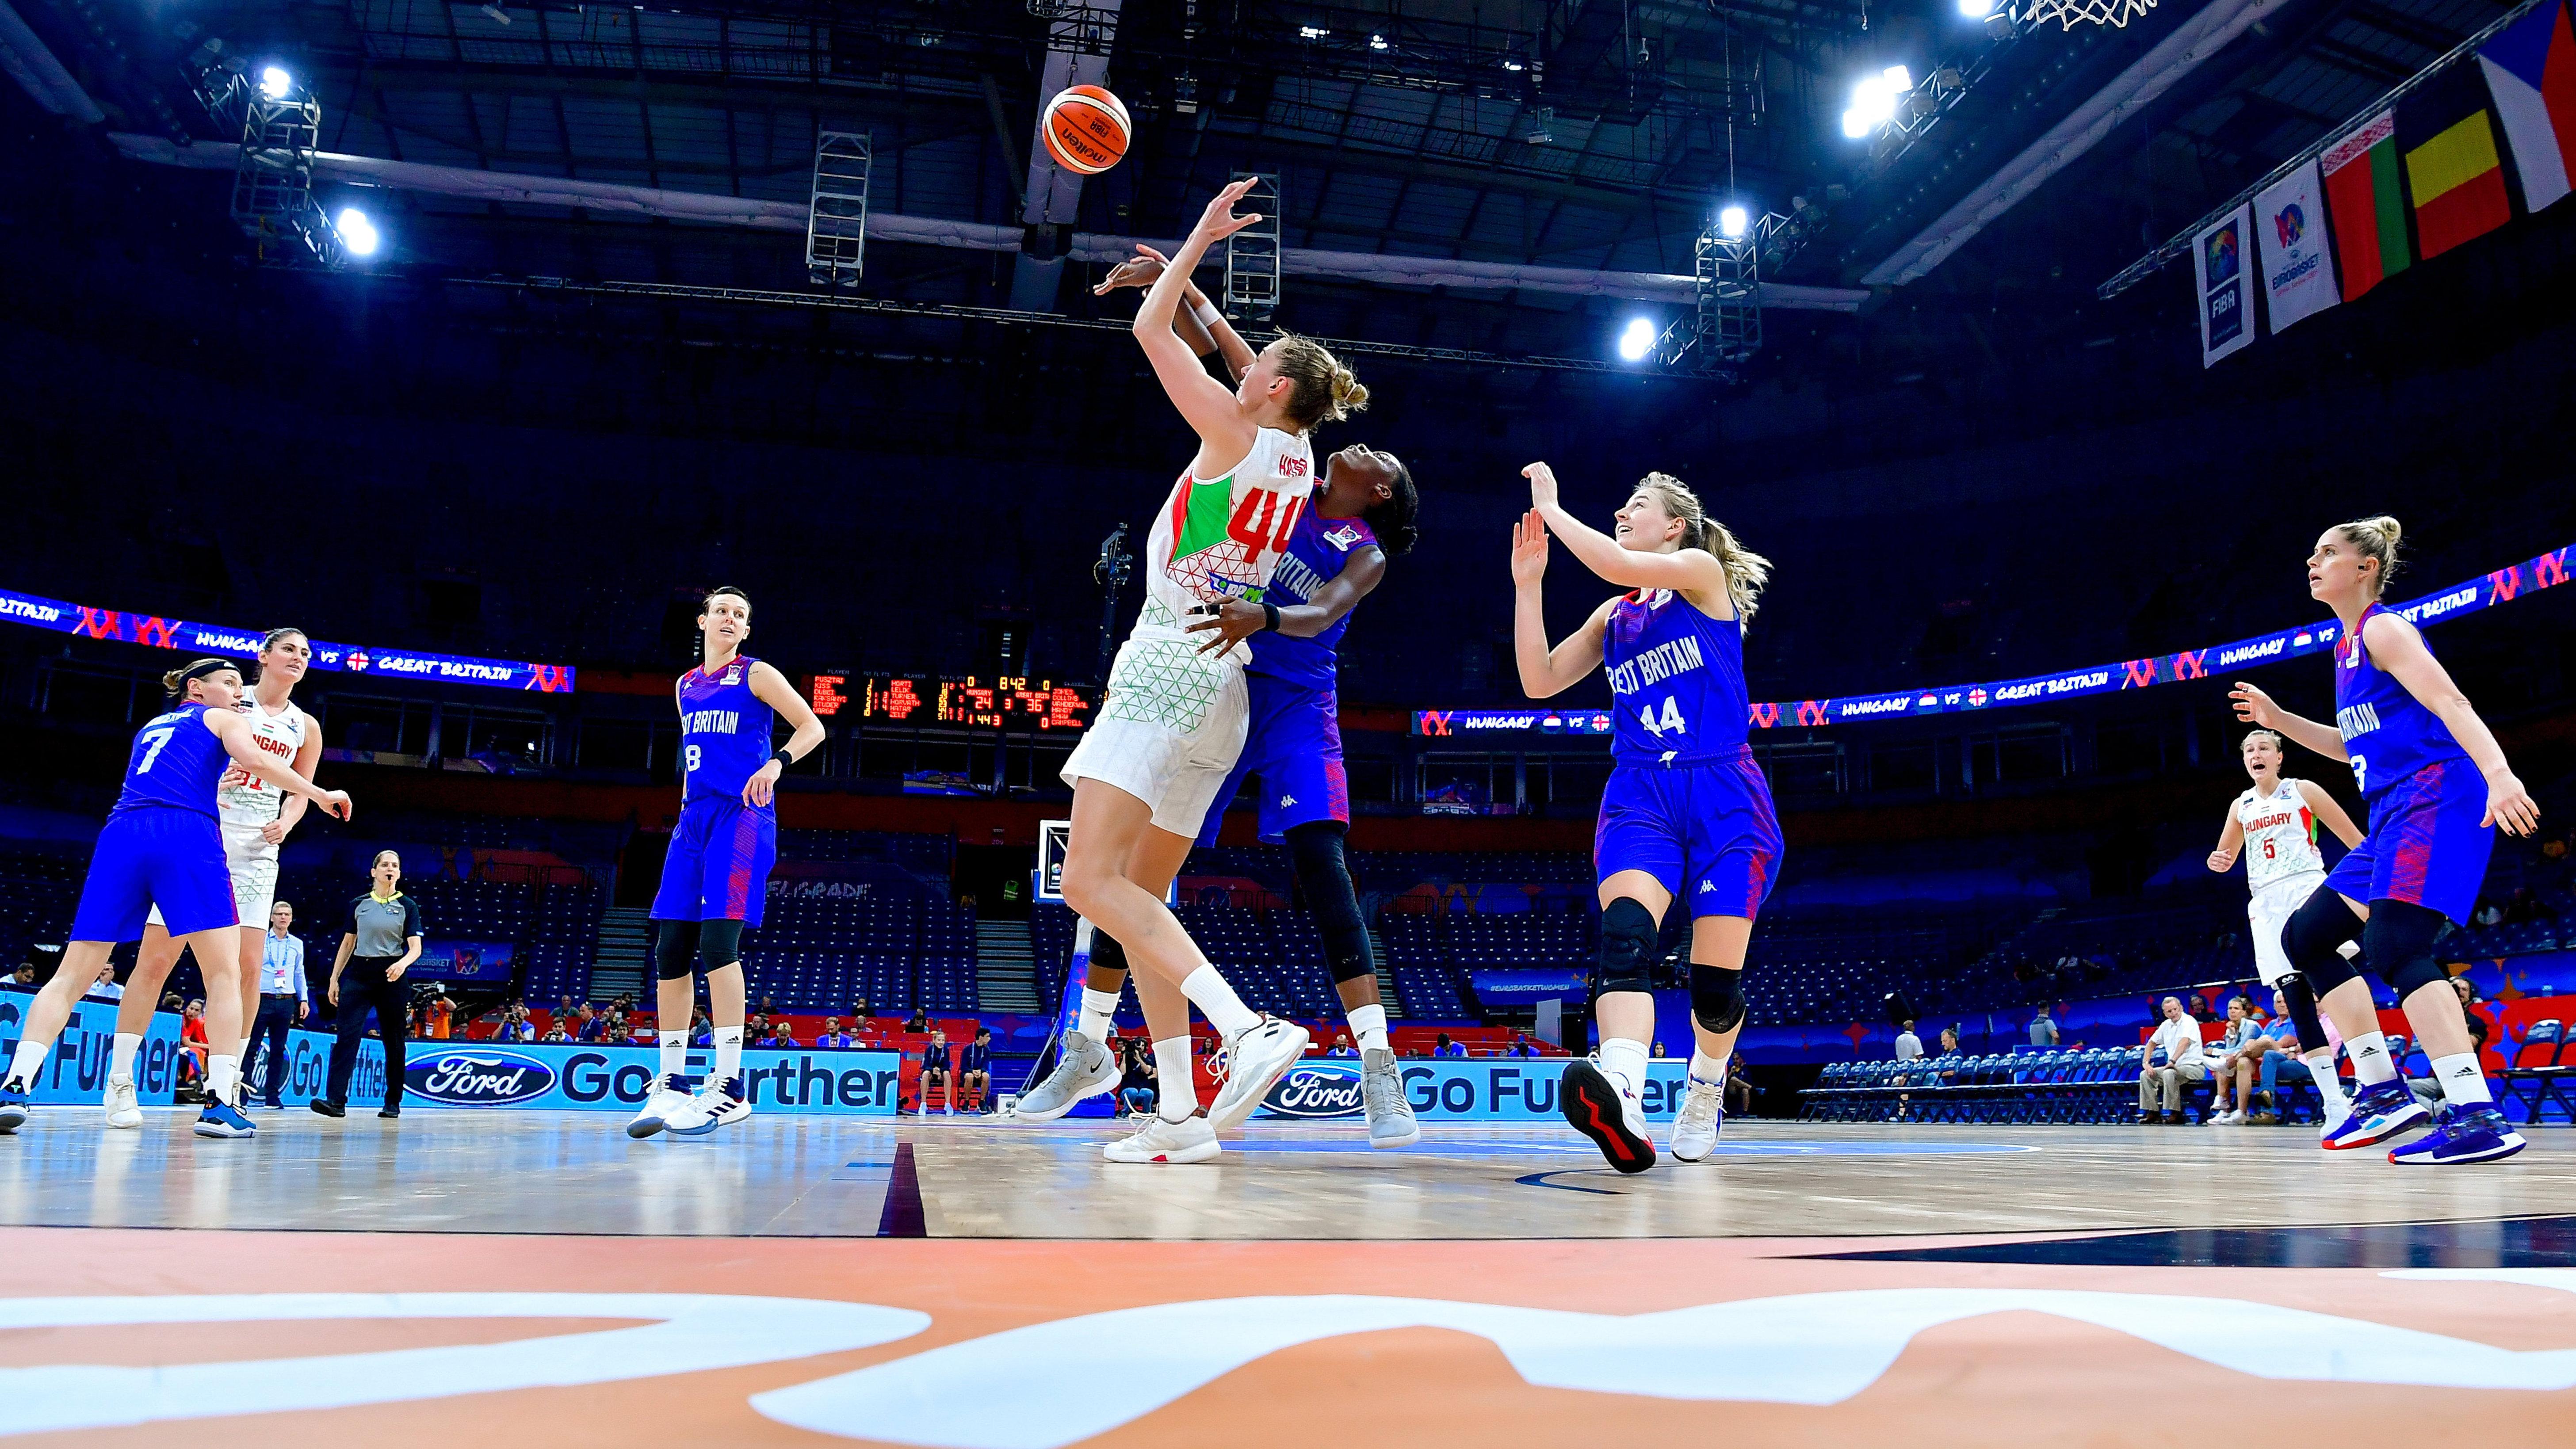 Női kosárlabda Eb: nem sikerült az elődöntőbe jutás, de még élnek a magyarok olimpiai reményei